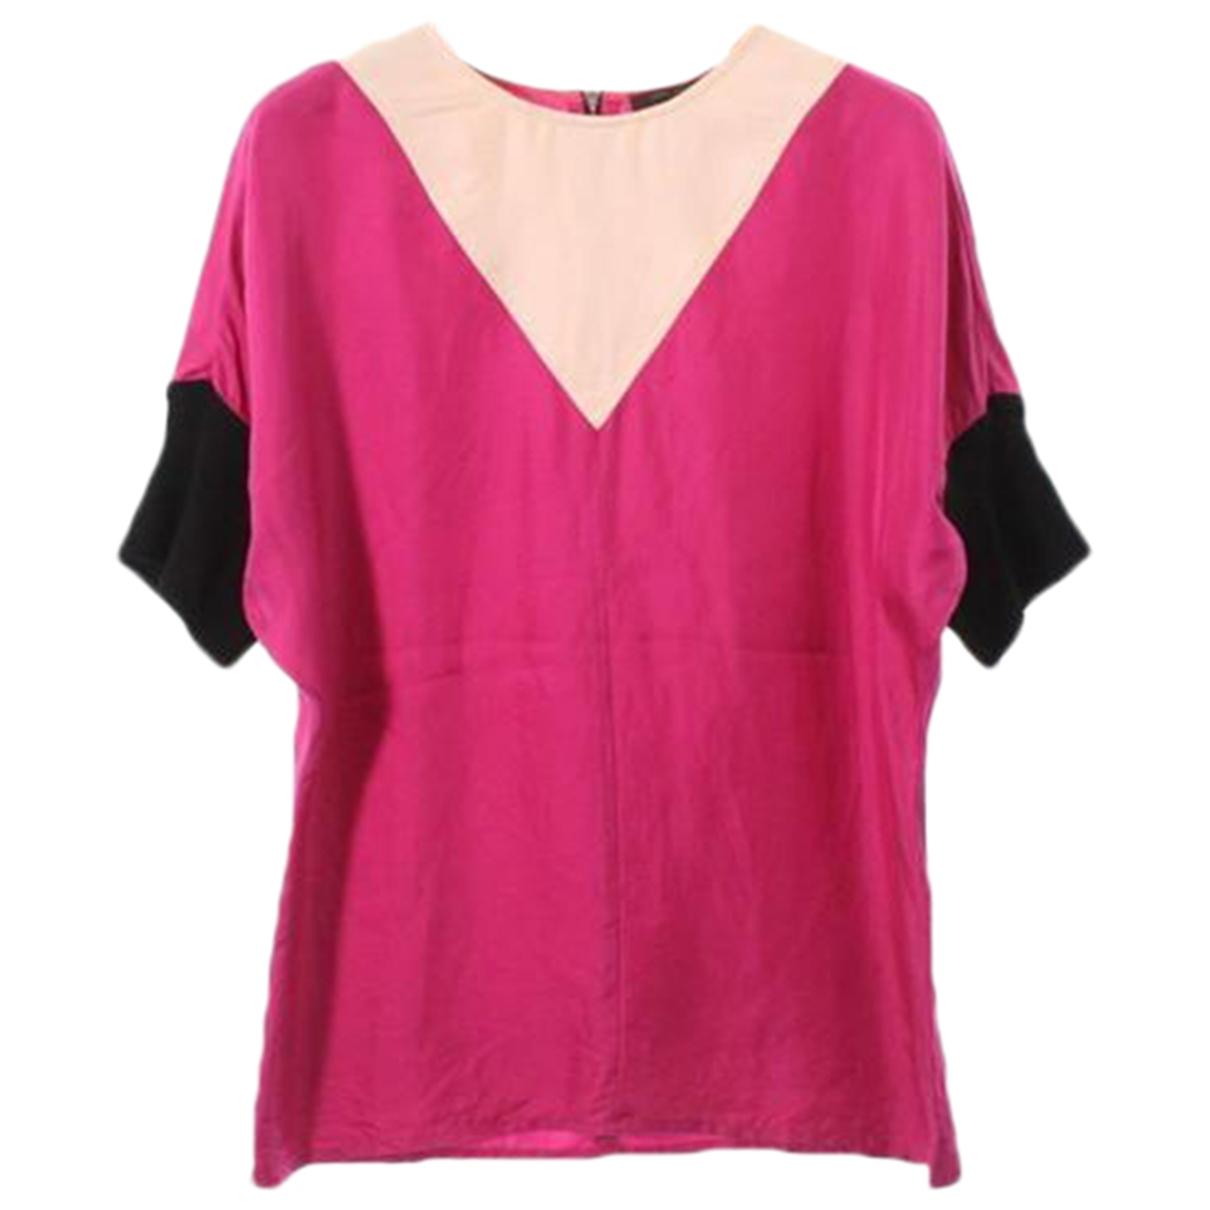 Louis Vuitton - Top   pour femme en soie - rose